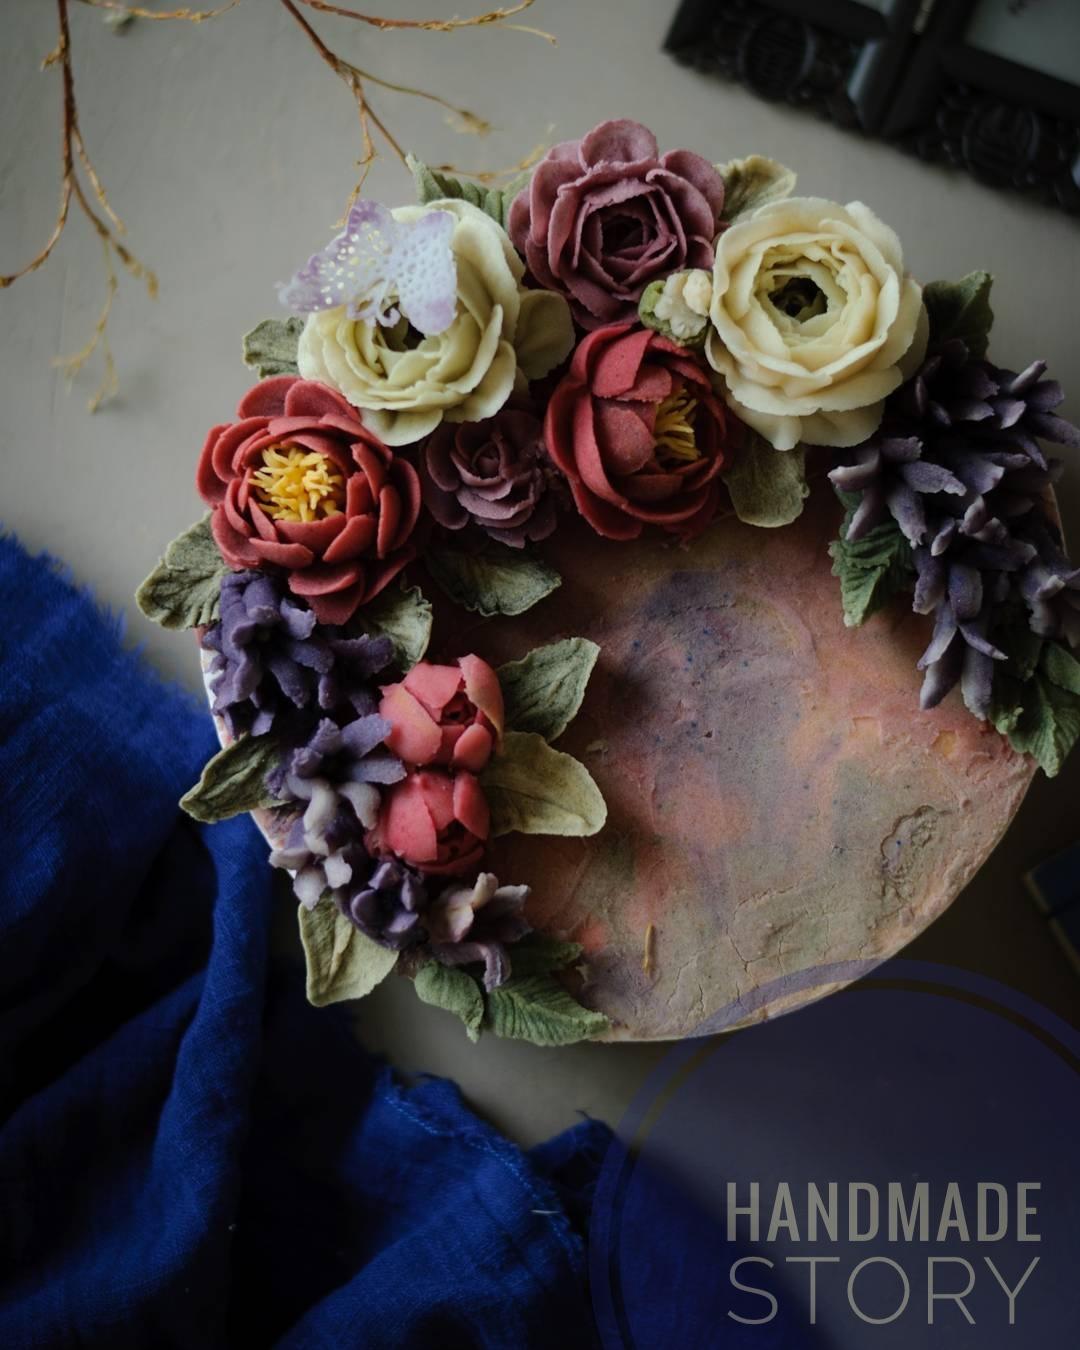 Bean Paste Flower Cake Design Handmade Story